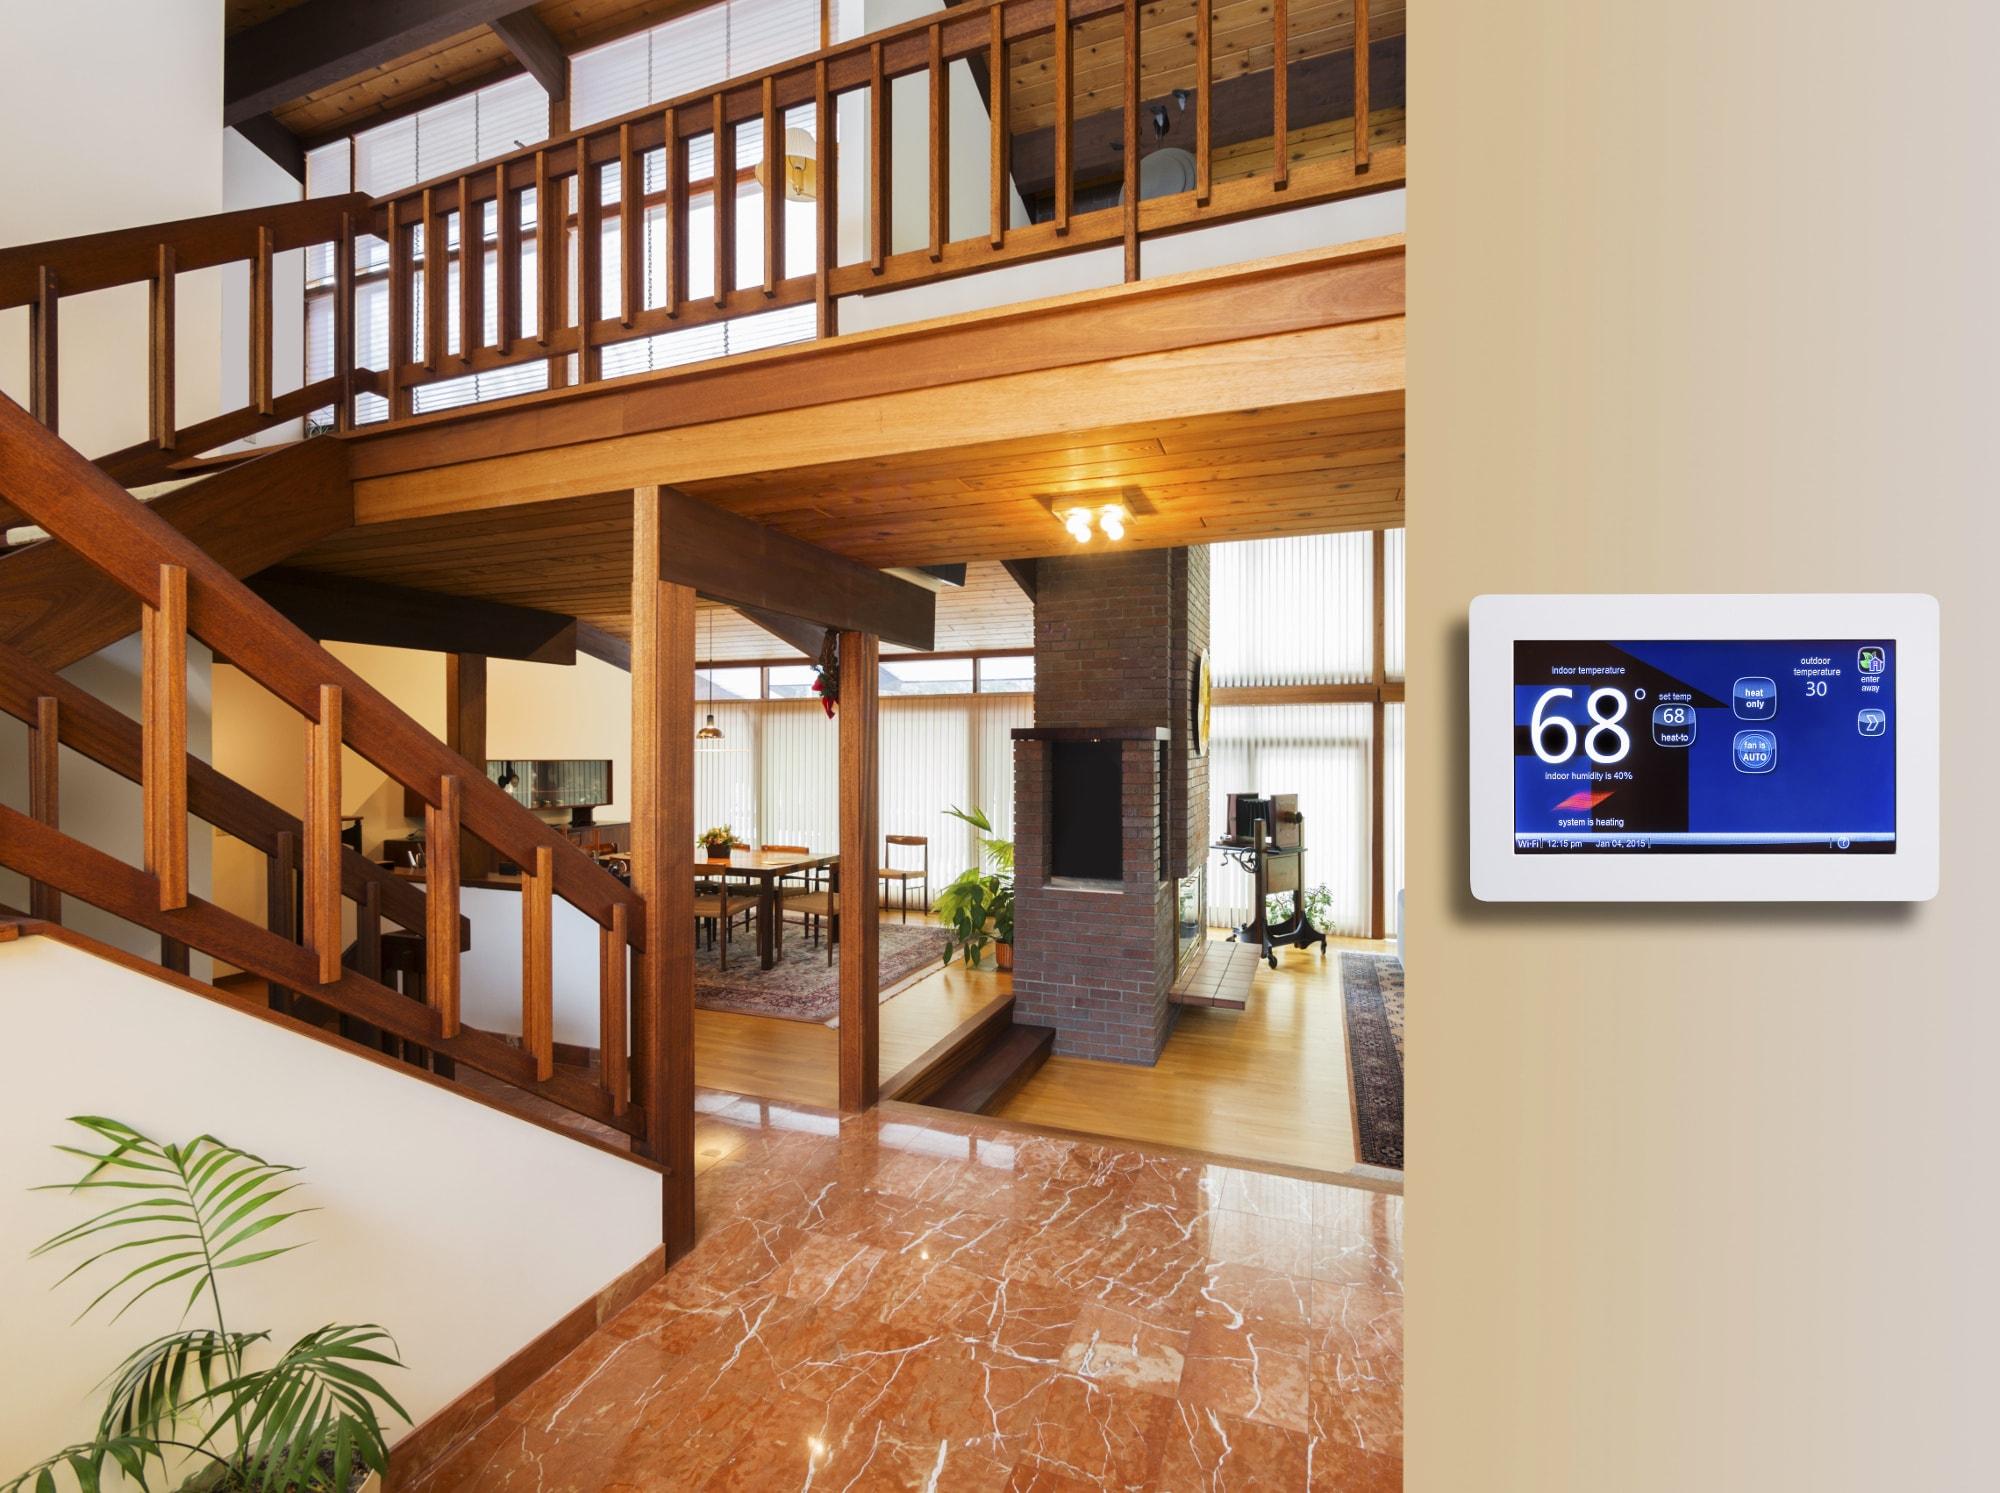 residential heating and air repair